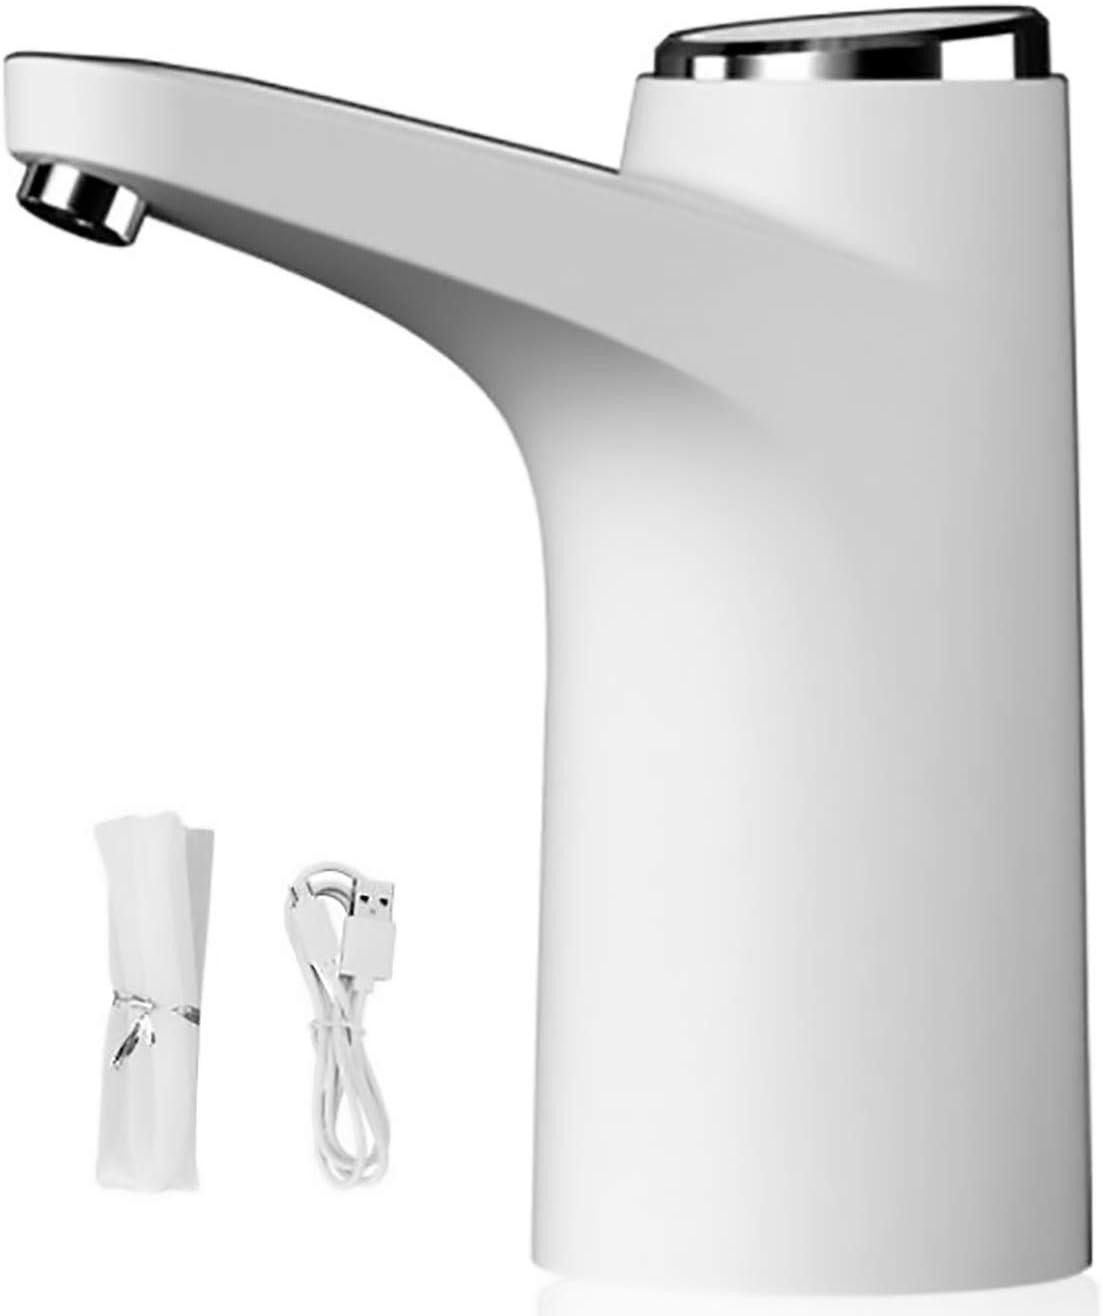 Dispensador de Agua Eléctrico Automático, Grifo para Tratamiento y Succión del Agua con Botón para Garrafa, Bomba Inteligente Universal Compacta para Casa, el Hogar, Camping, Viaje (BLANCO)